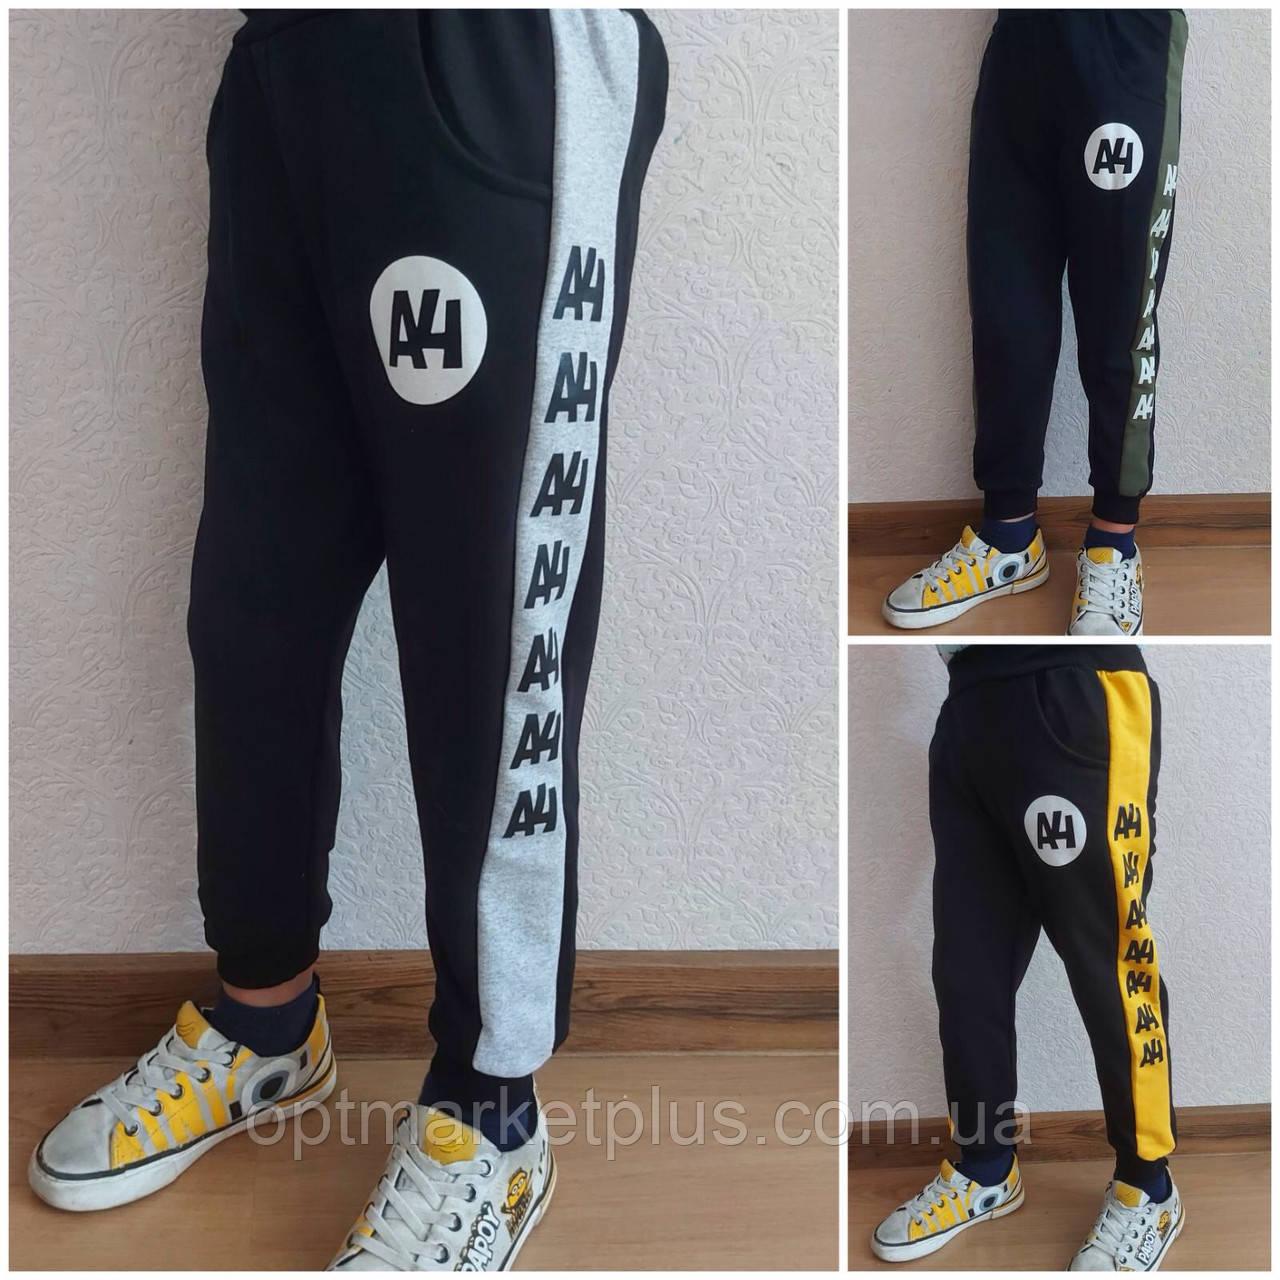 Спортивные штаны (1-5 лет) оптом купить от склада 7 км Одесса